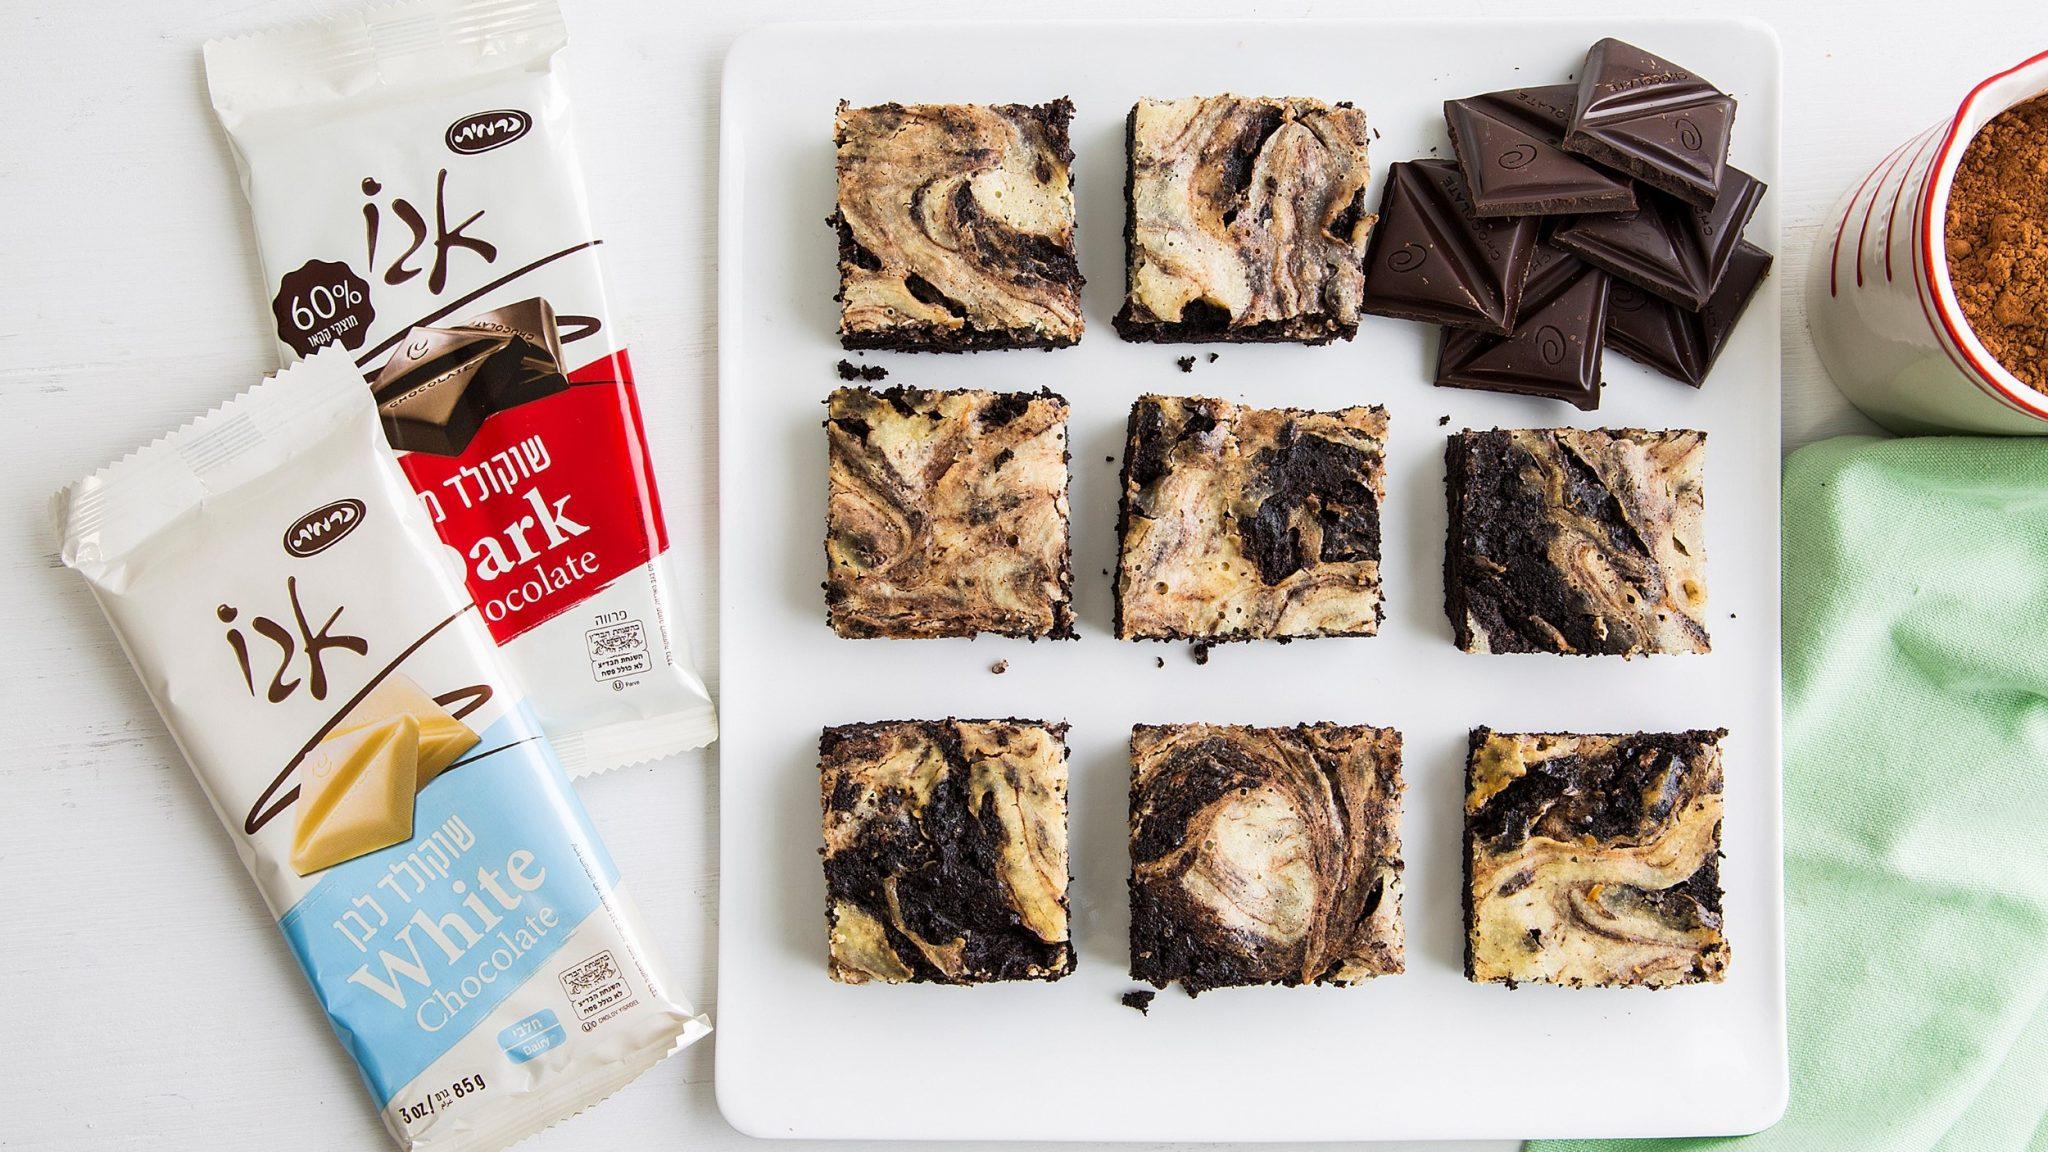 מתכון עשיר ומפנק – בראוניז משויש עם שוקולד וגבינה